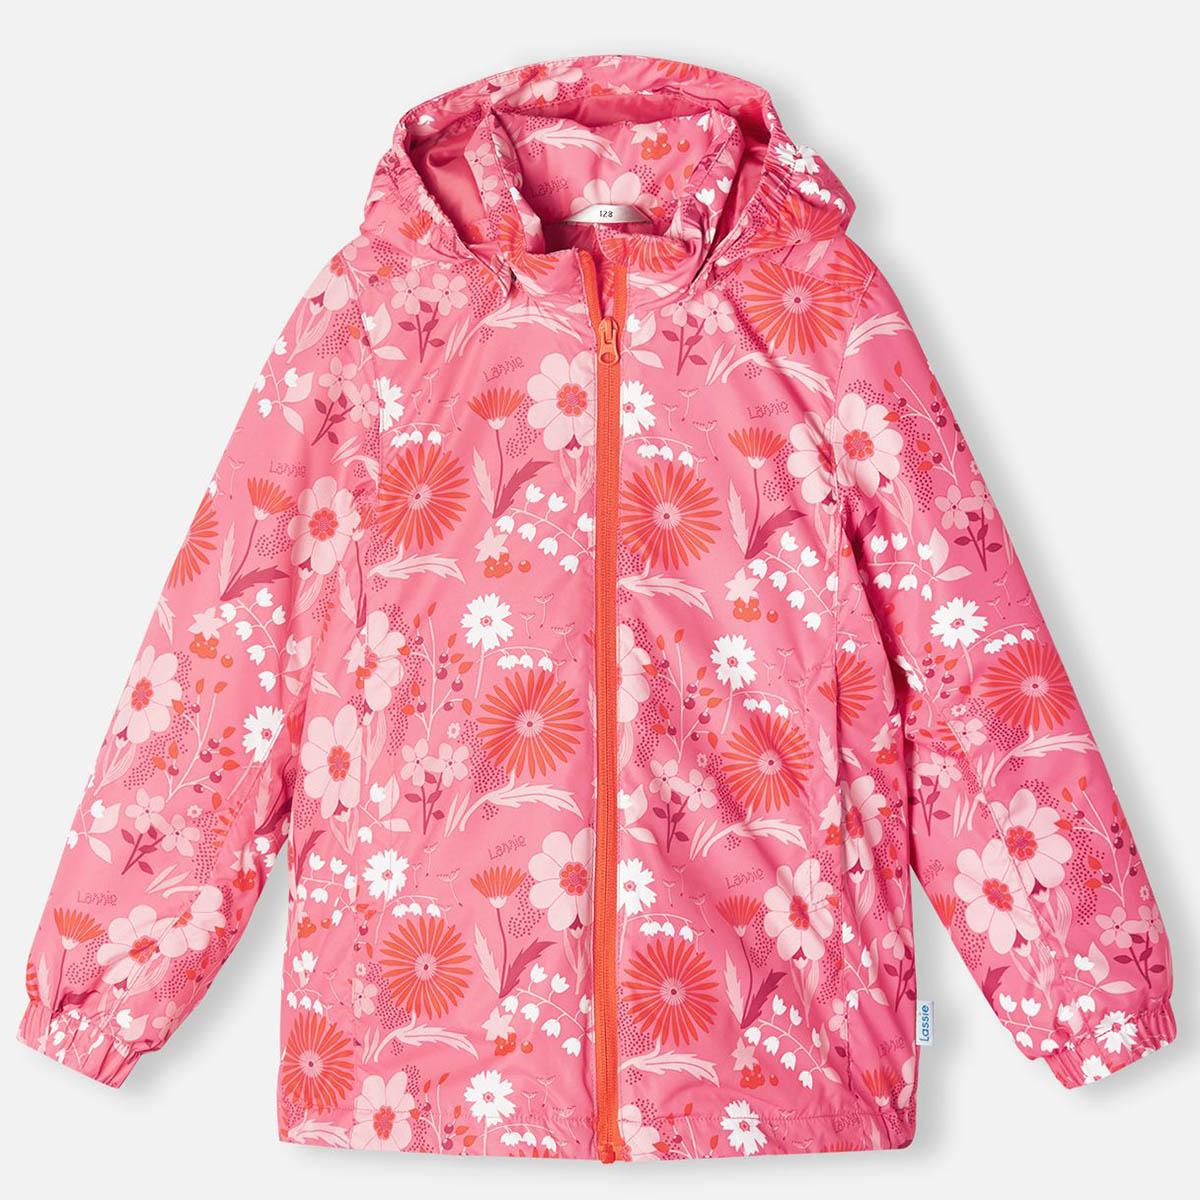 Купить Куртка для девочки утепленная Veela Lassie, Размер 128, 721756R-3362_128,